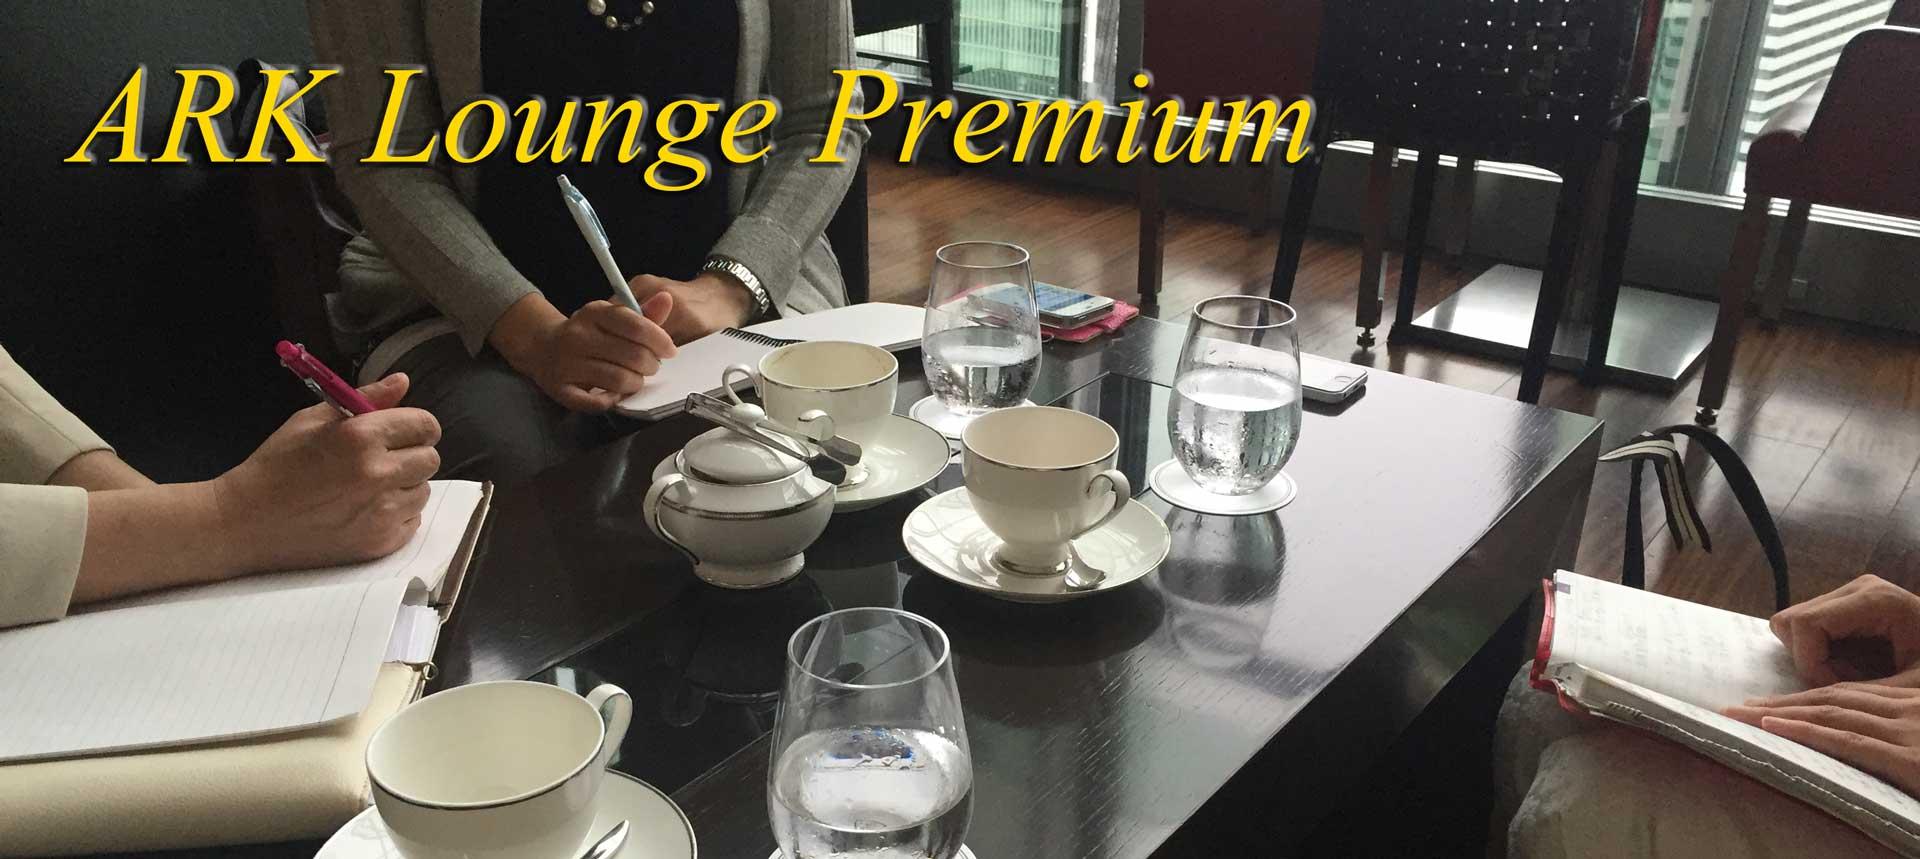 ARK Lounge Premium